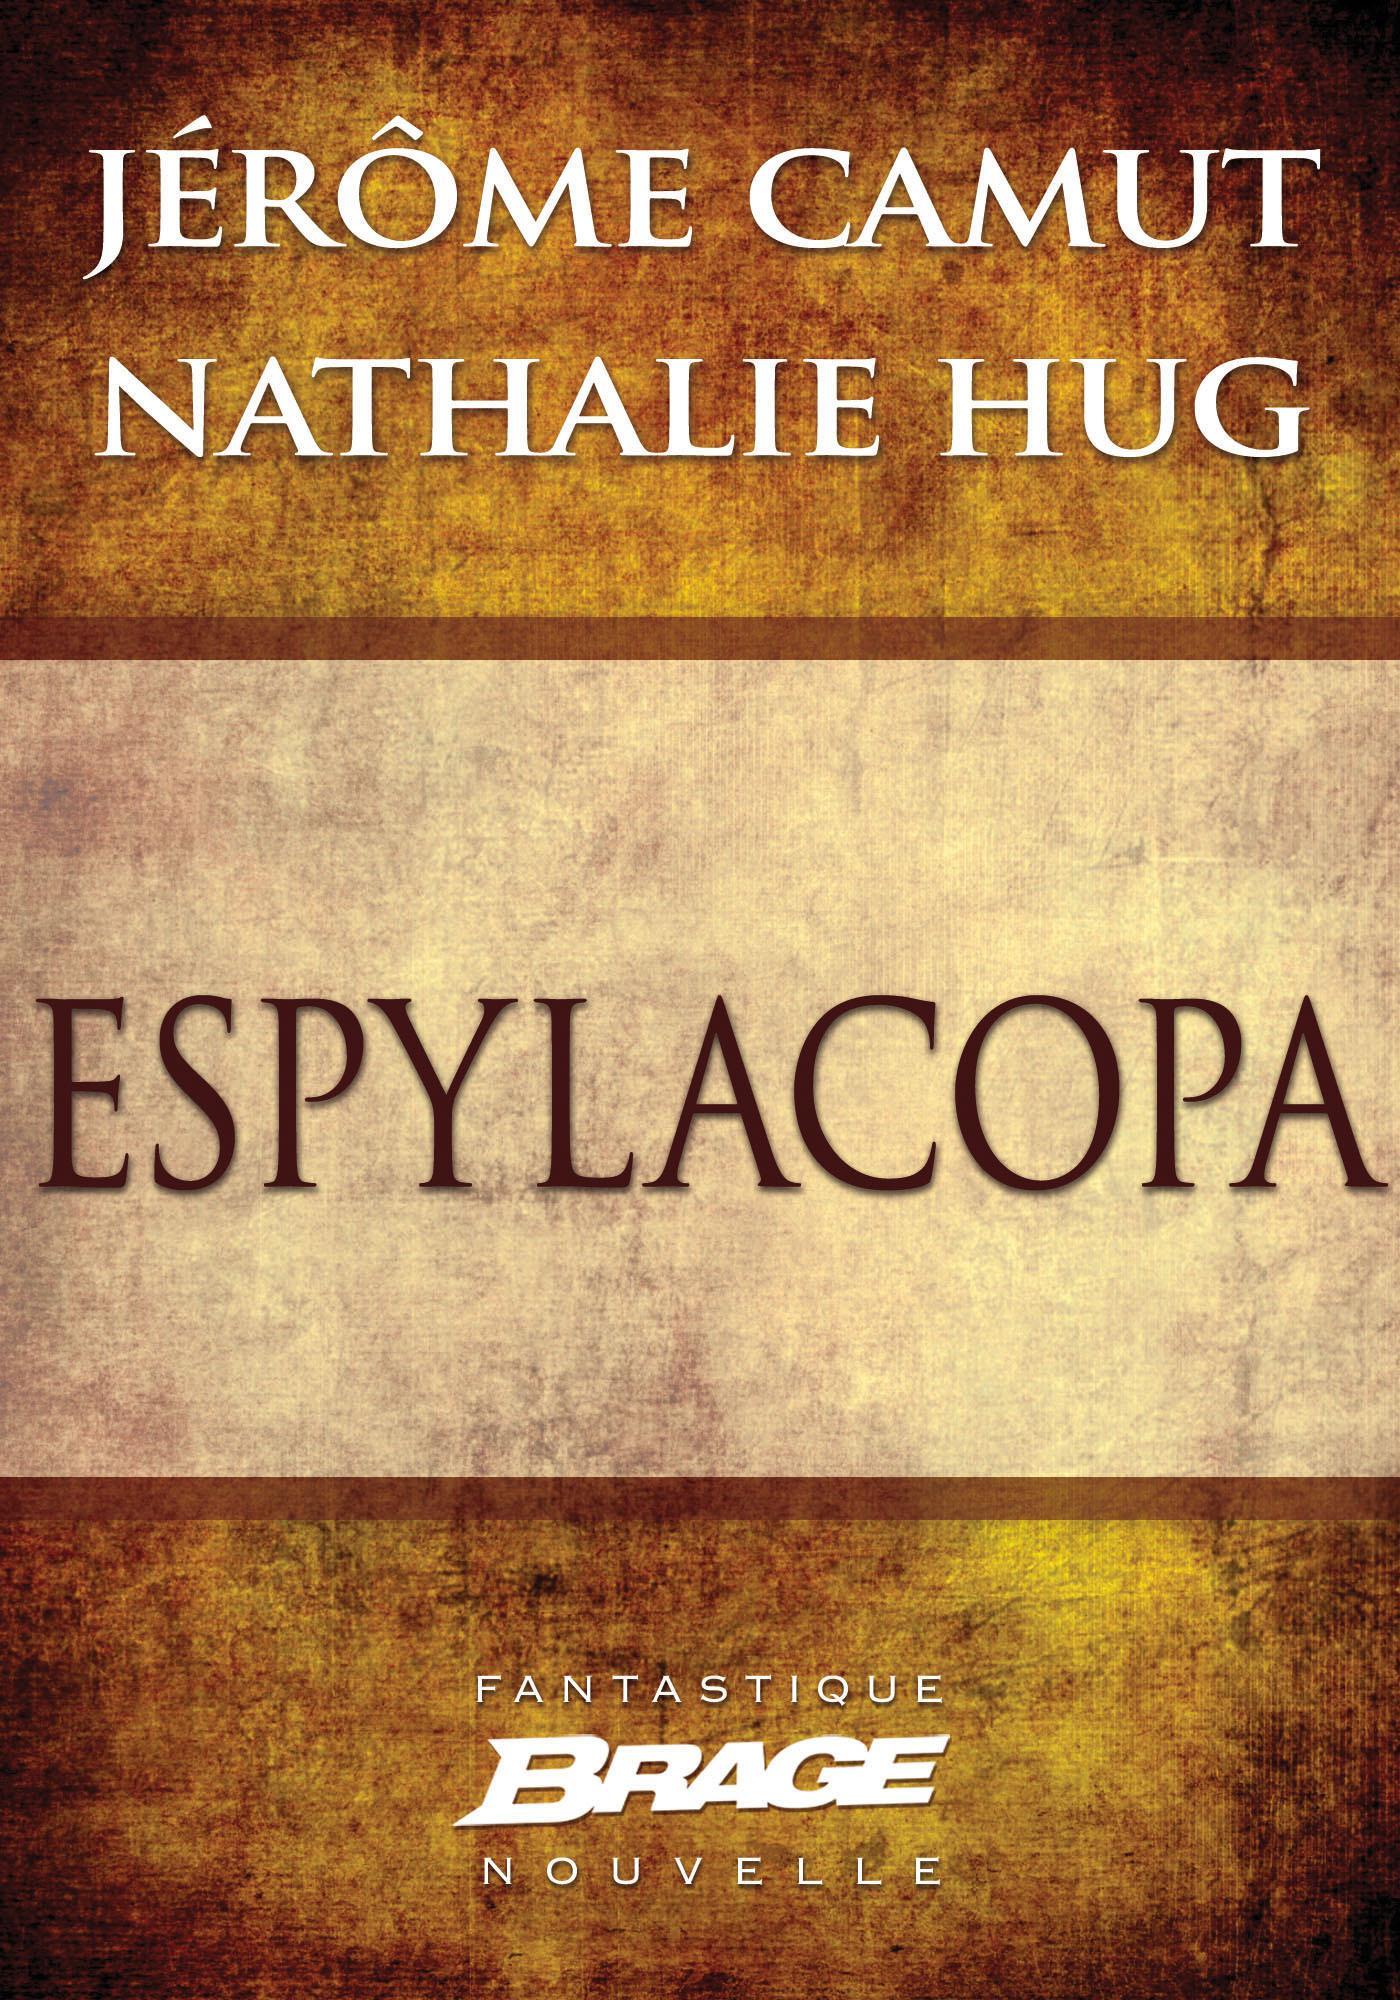 EspylaCopa